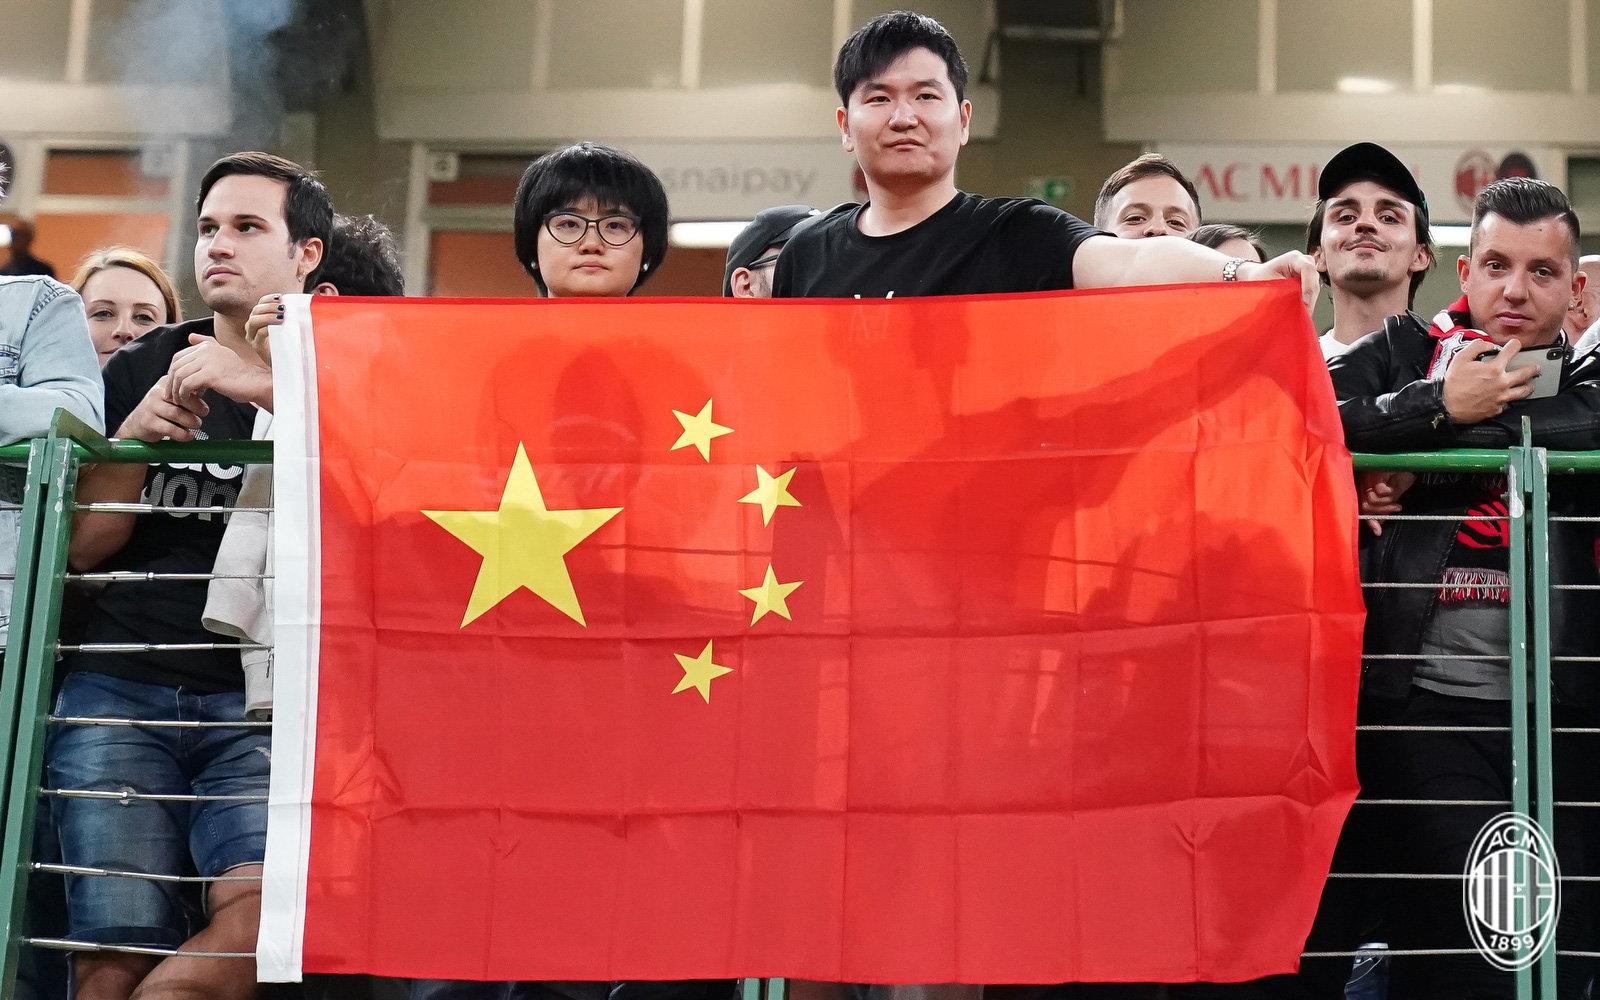 祖国生日快乐,欧洲球队为中国送祝福,70周年华诞